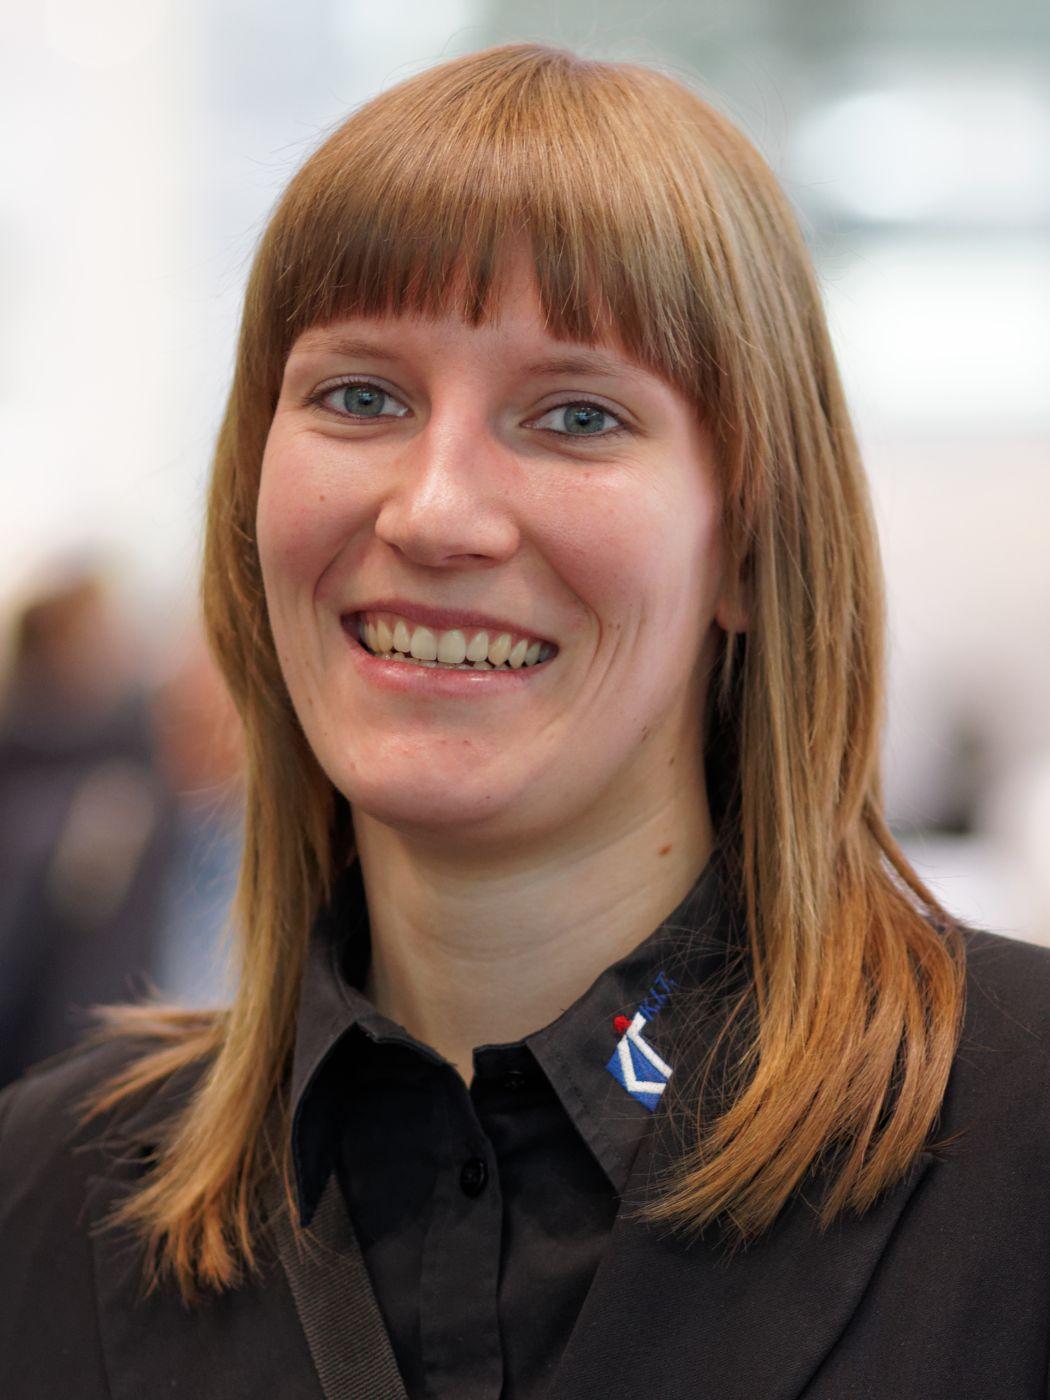 Eva Smejkal, K.I.T. Group GmbH, DE